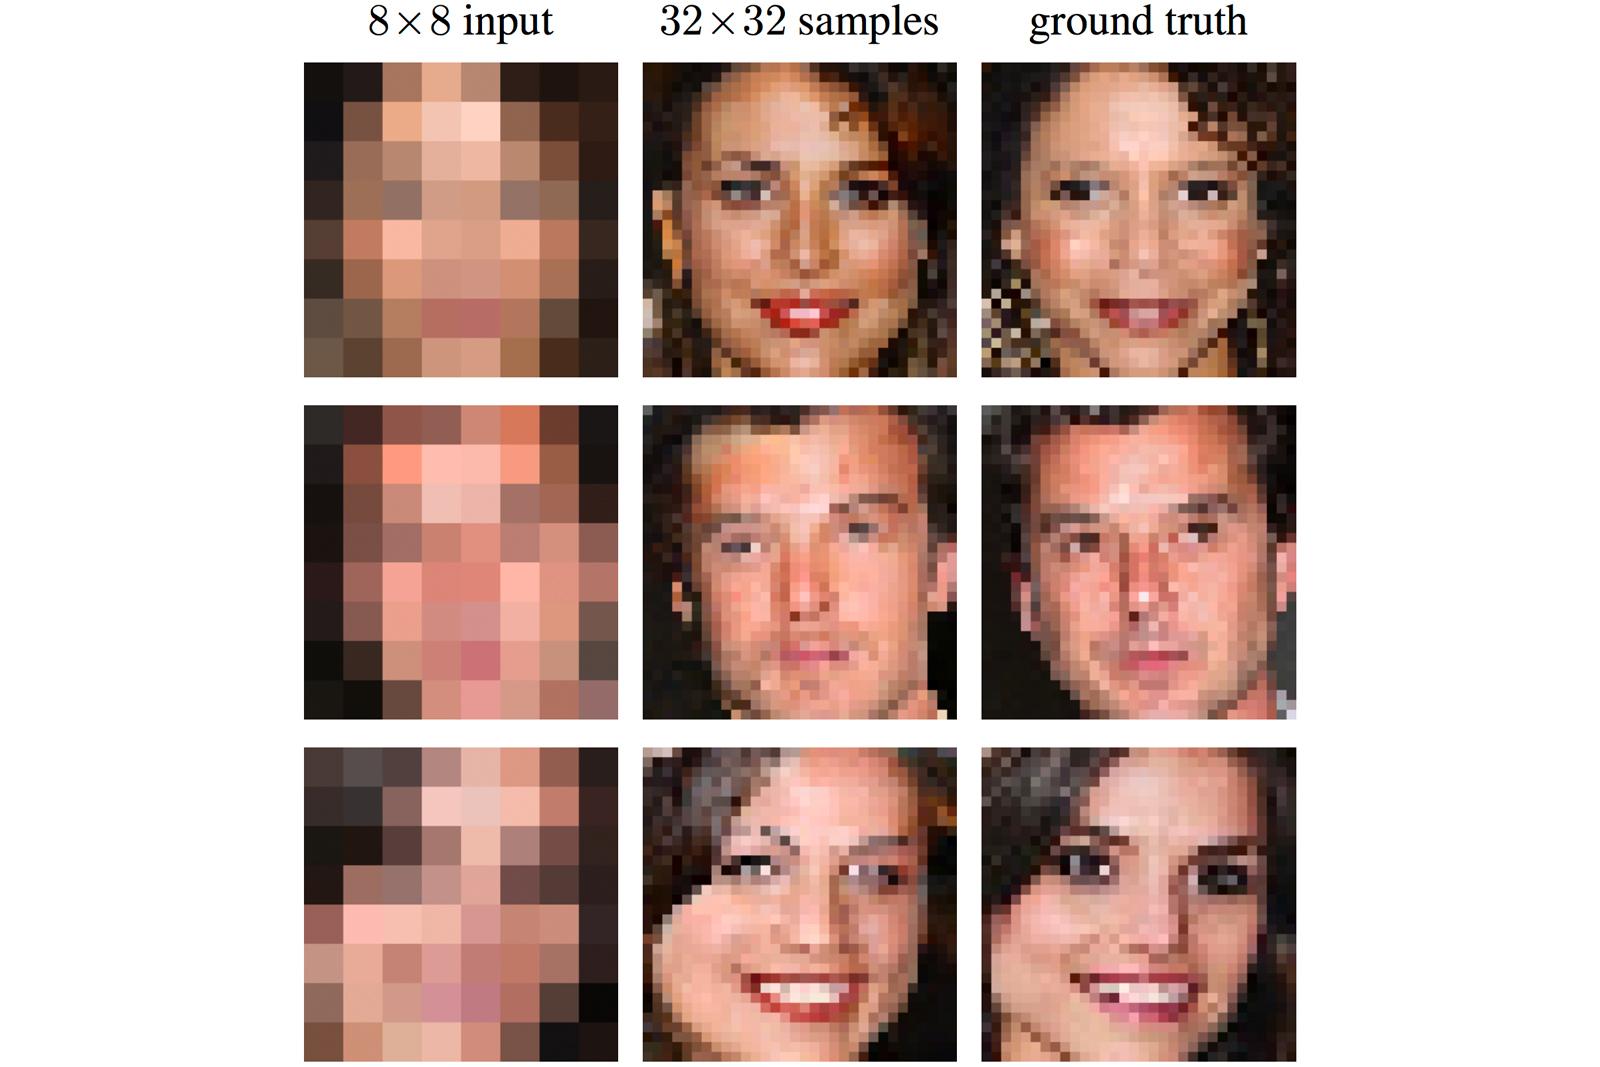 谷歌利用AI修复图像